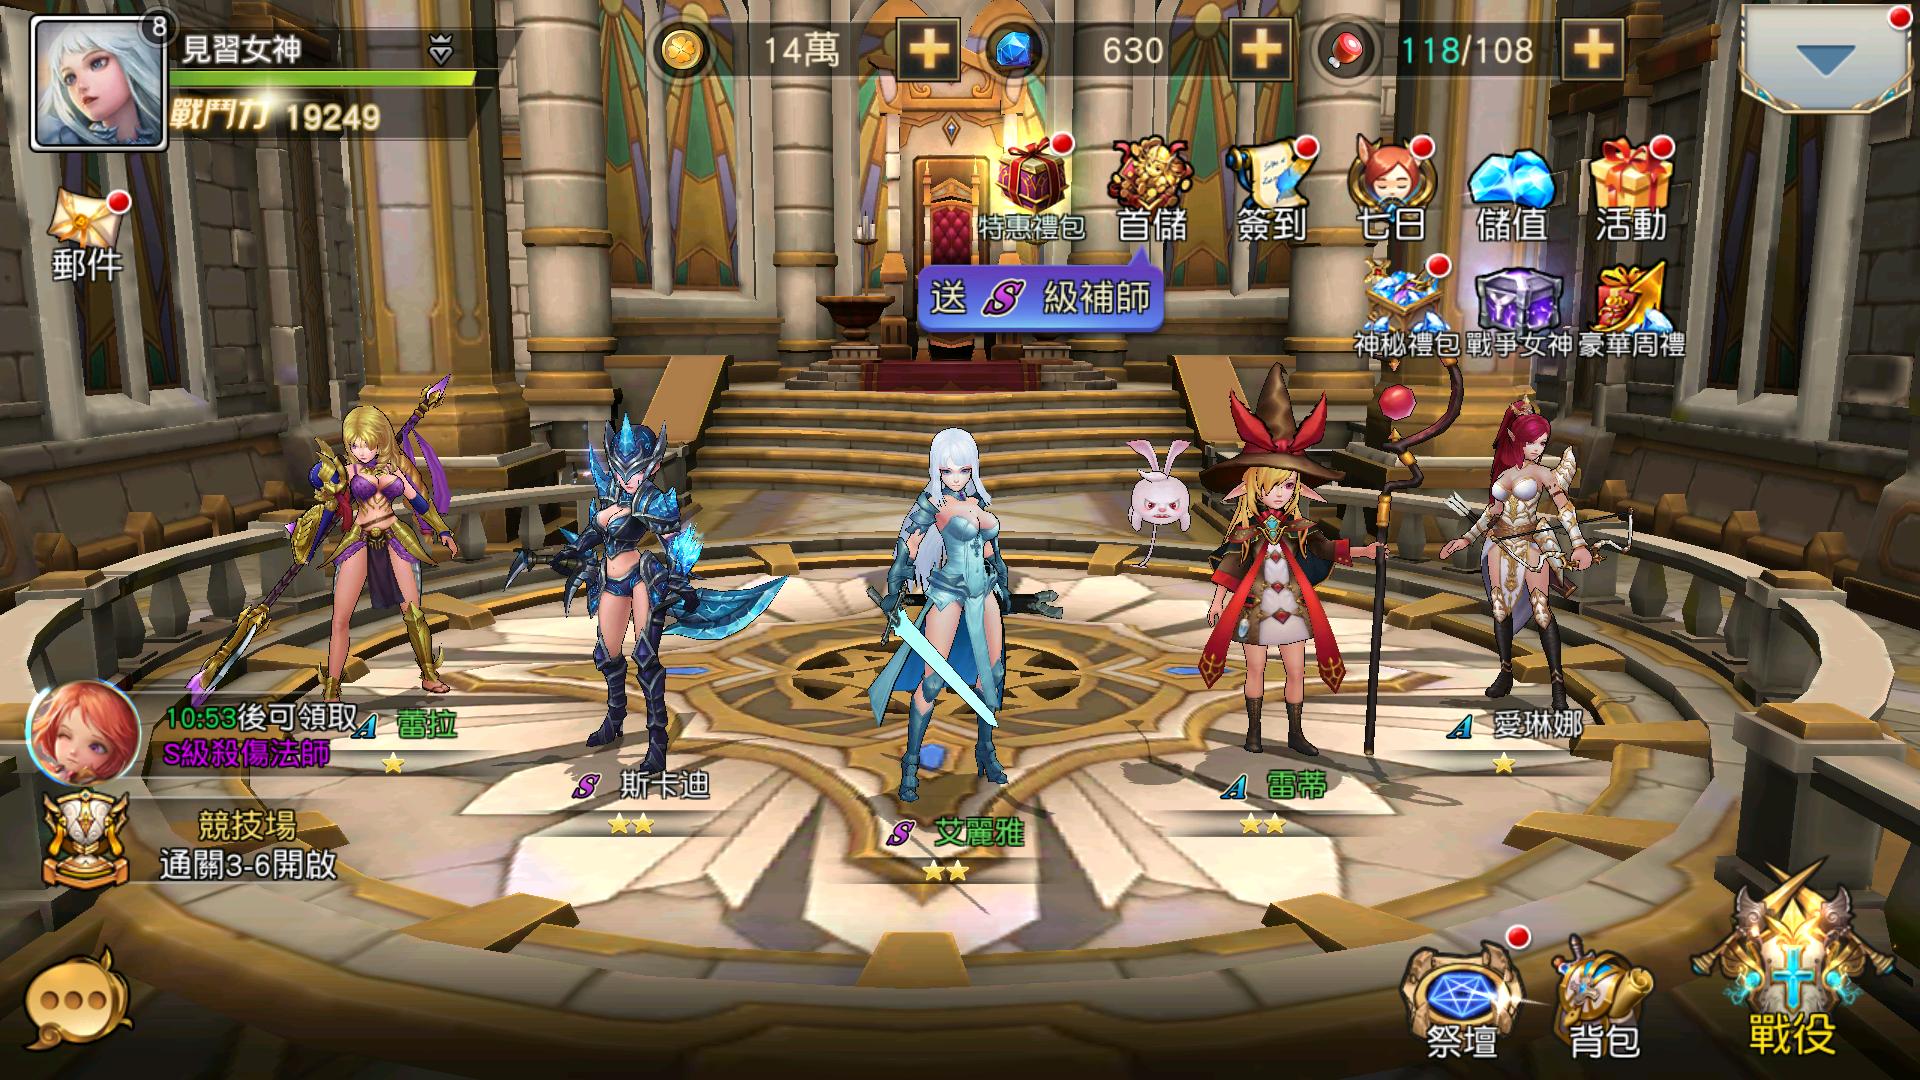 玩家可率領五位女武神上場戰鬥